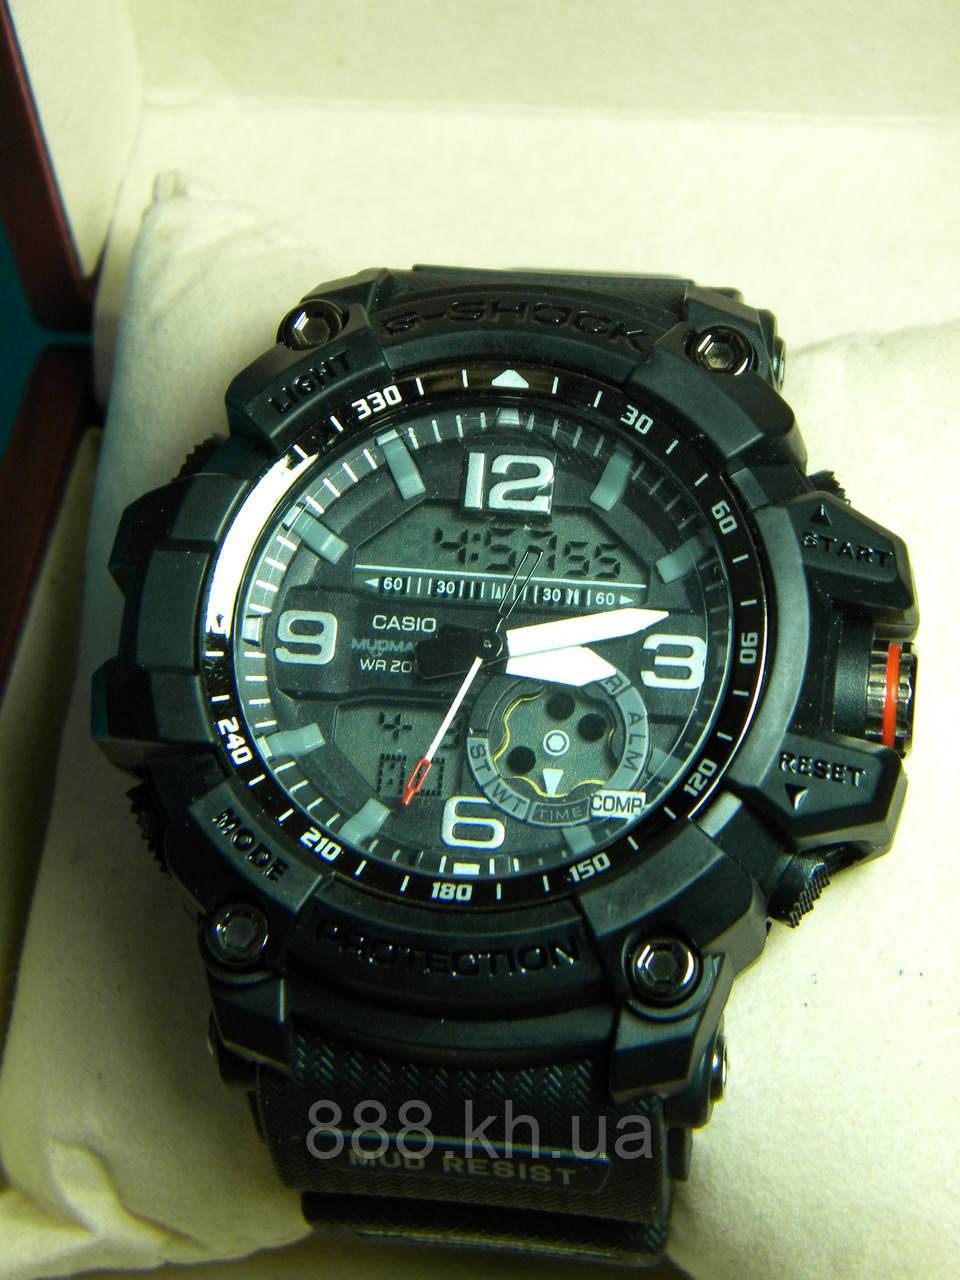 Часы мужские CASIO G-Shock новая модель реплика